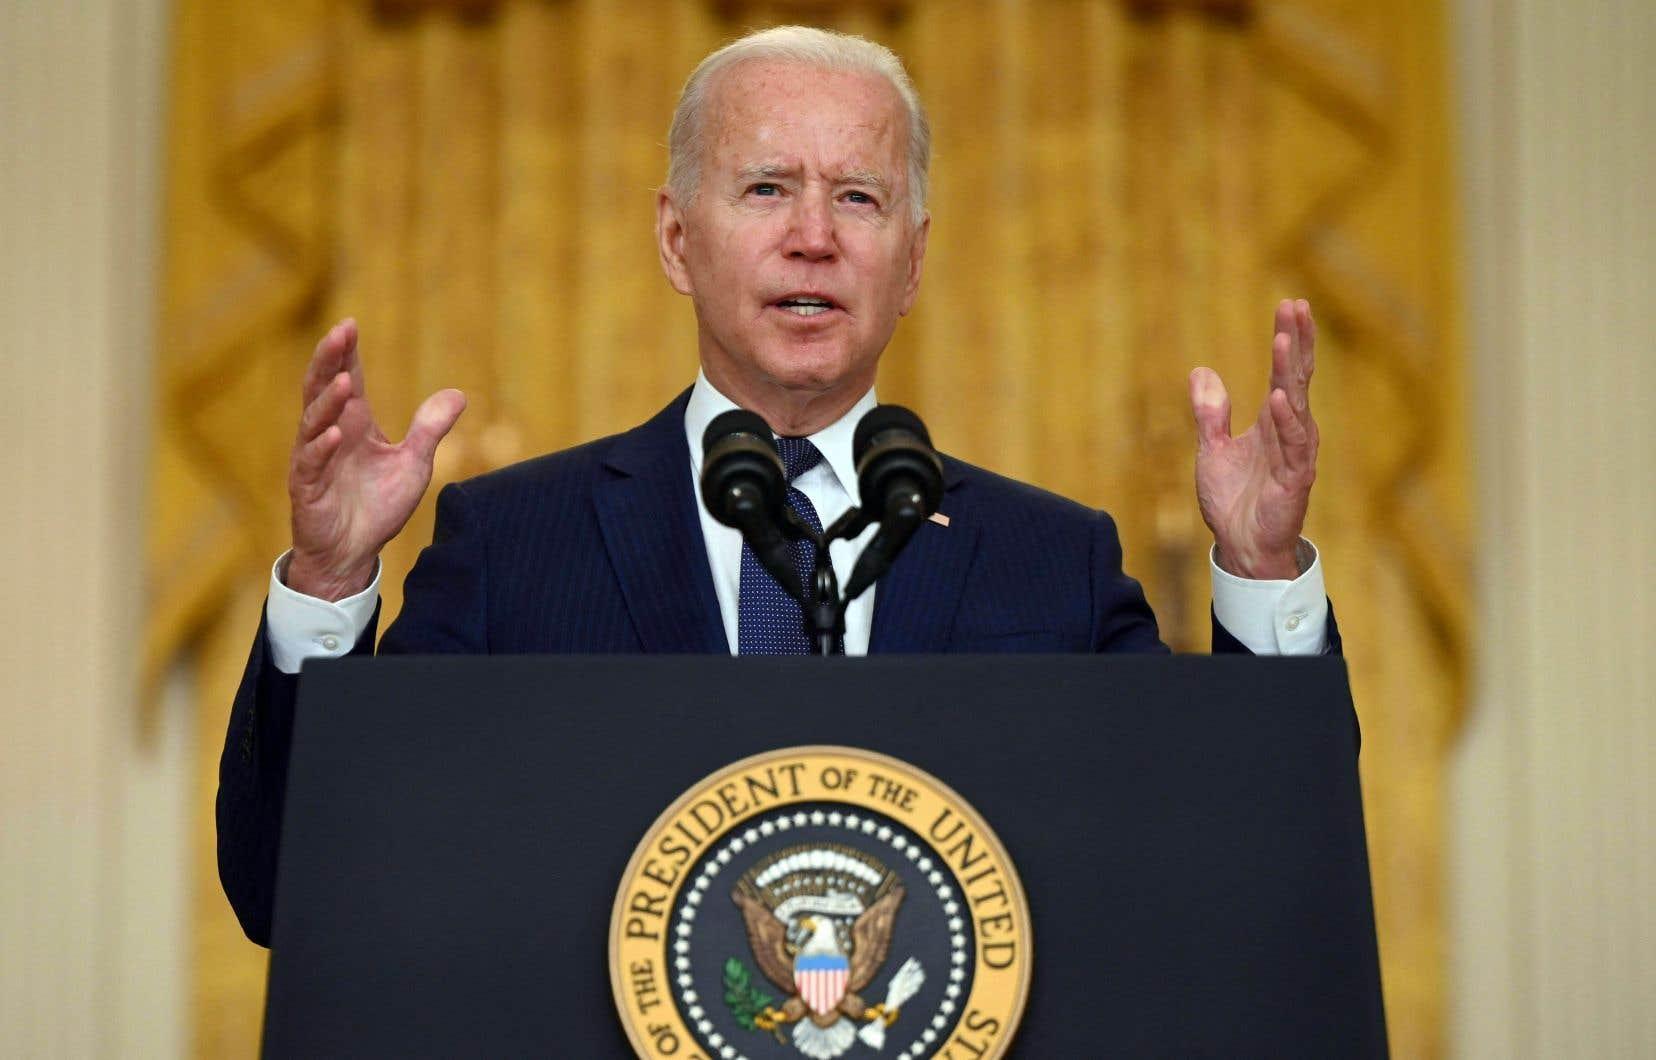 Le président Joe Biden a promis samedi de poursuivre les frappes aériennes contre le groupe armé État islamique (EI) dont l'attentat suicide à l'aéroport de Kaboul a tué des dizaines d'Afghans et 13 militaires américains.